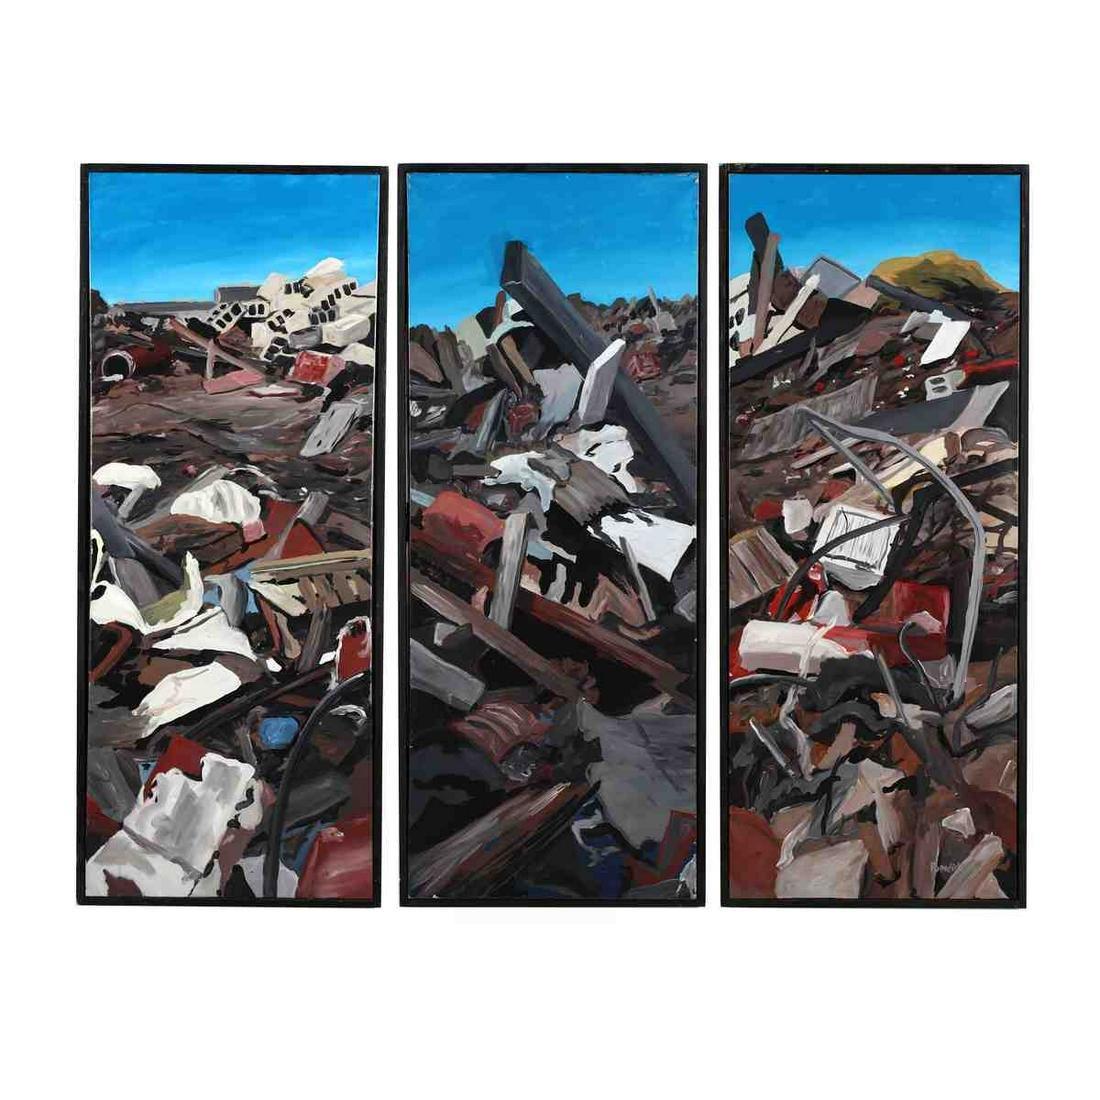 Stephen Popadich (NC), Trash Pile Triptych